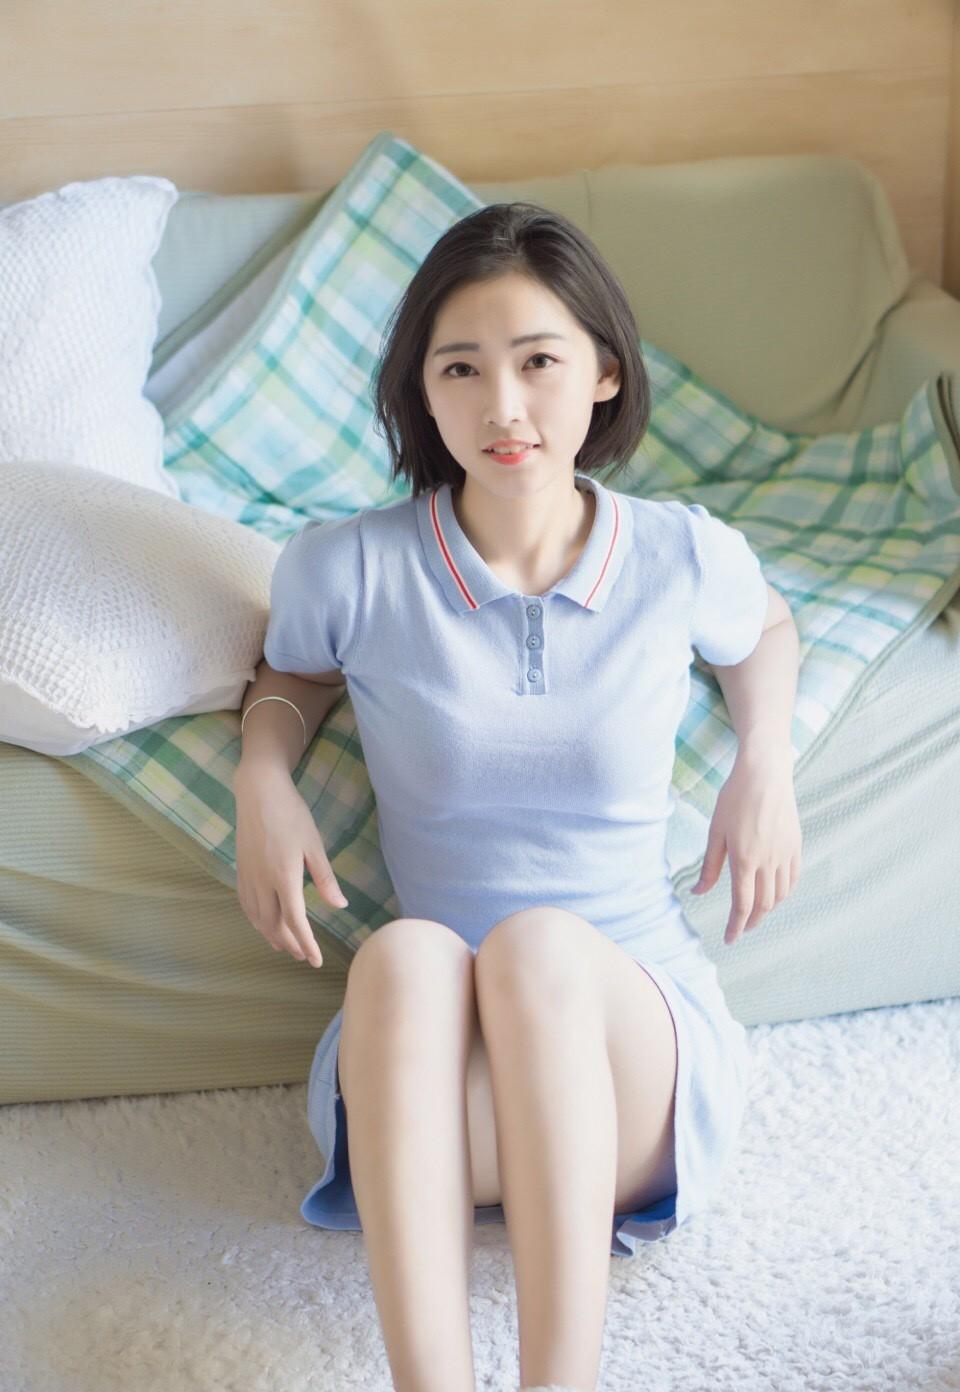 短发polo衫少女白嫩真空性感美足写真